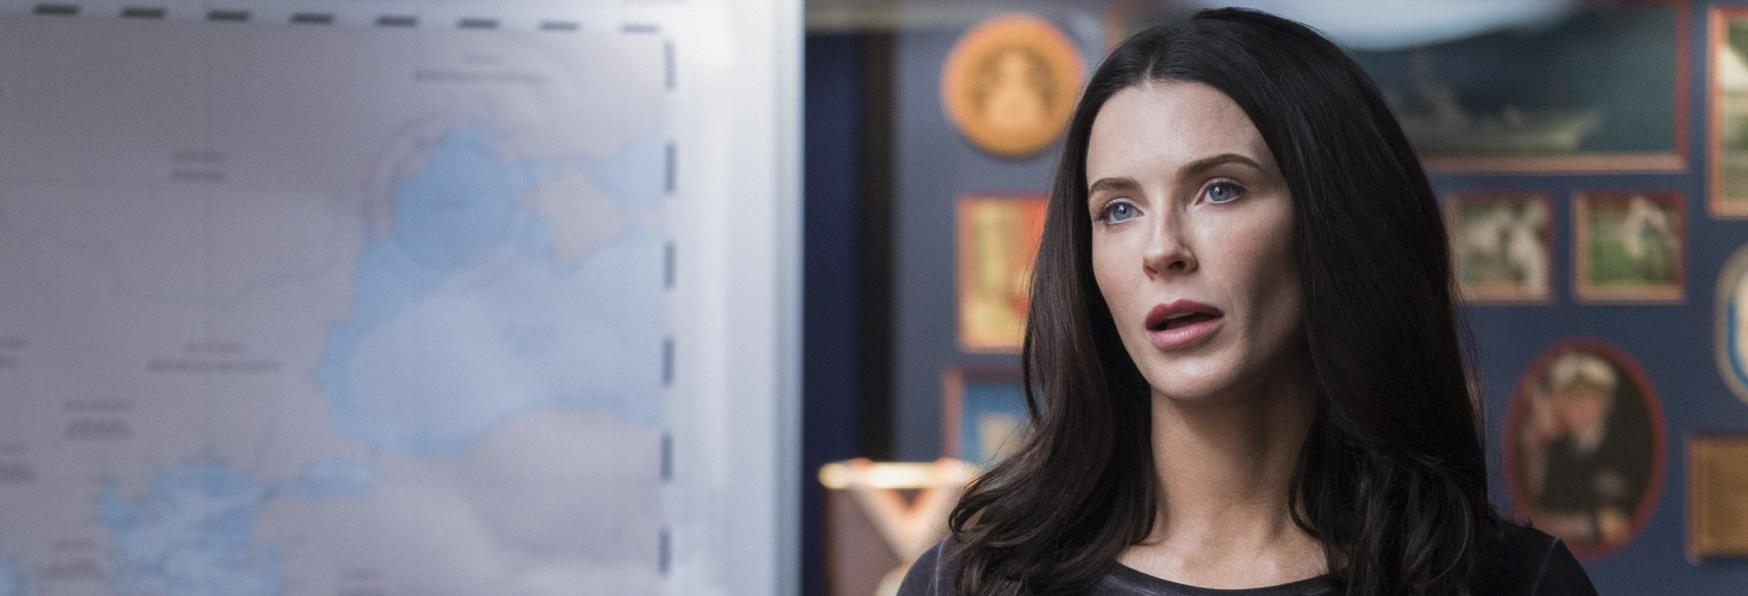 Batwoman 3: Bridget Regan sarà Poison Ivy nella prossima Stagione